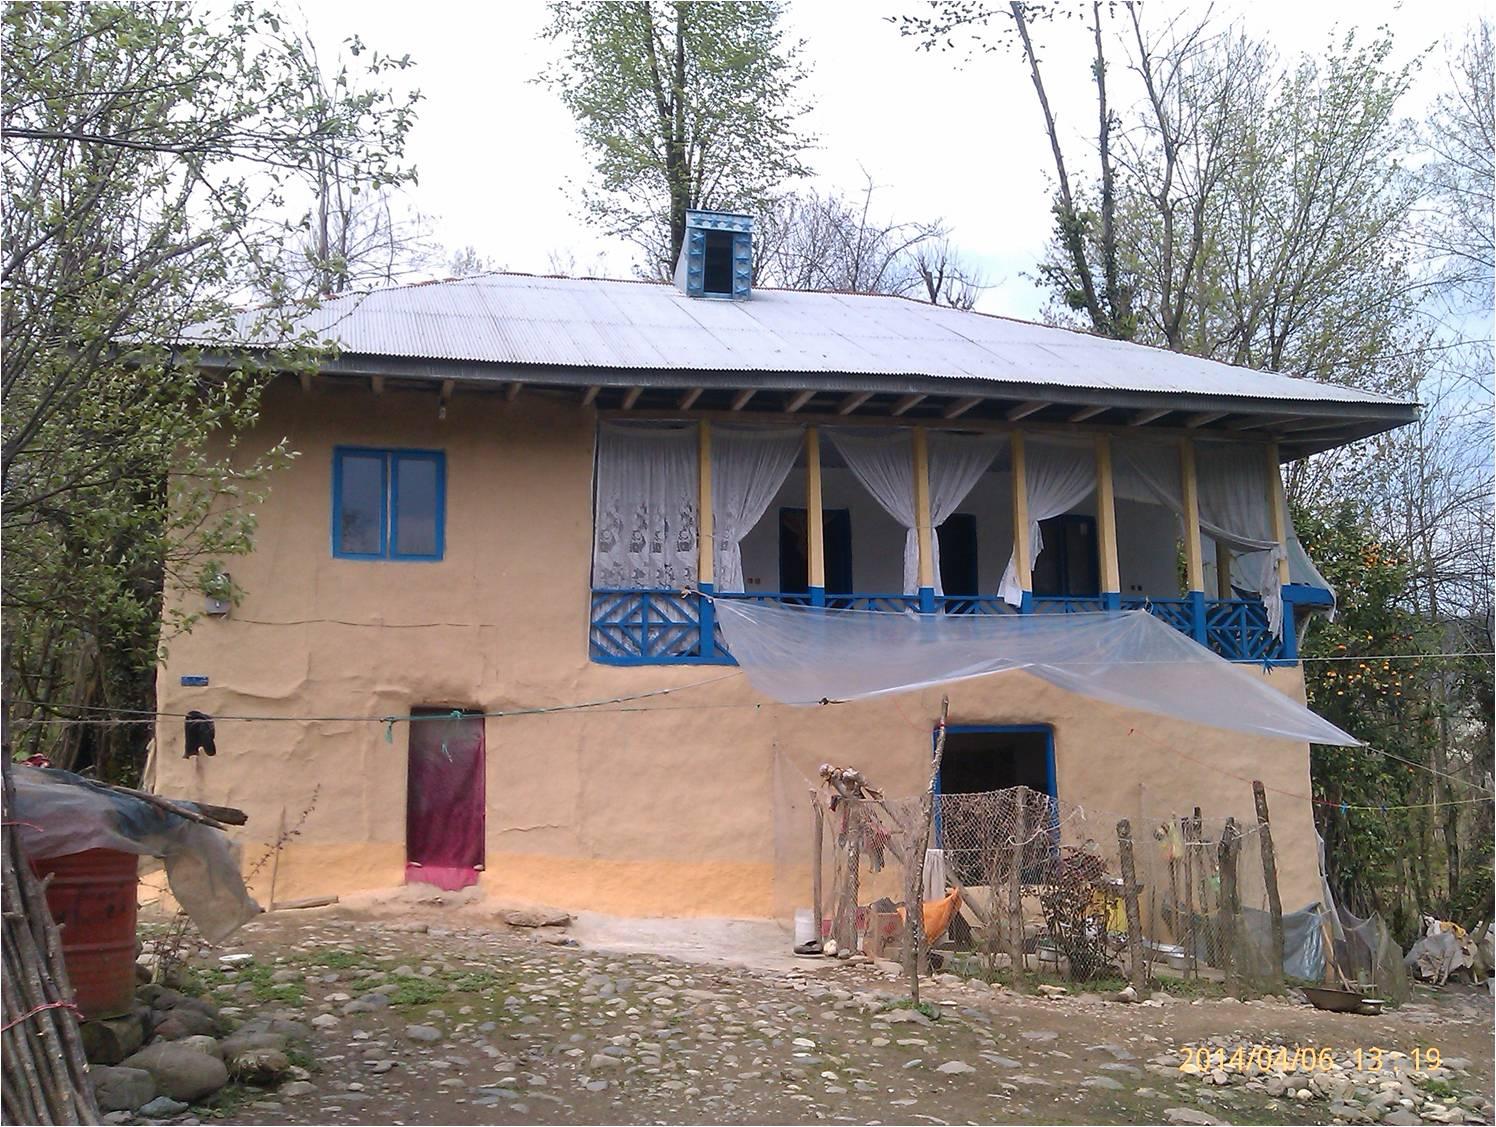 تصویر زیبا از خانه روستای شمال کشور